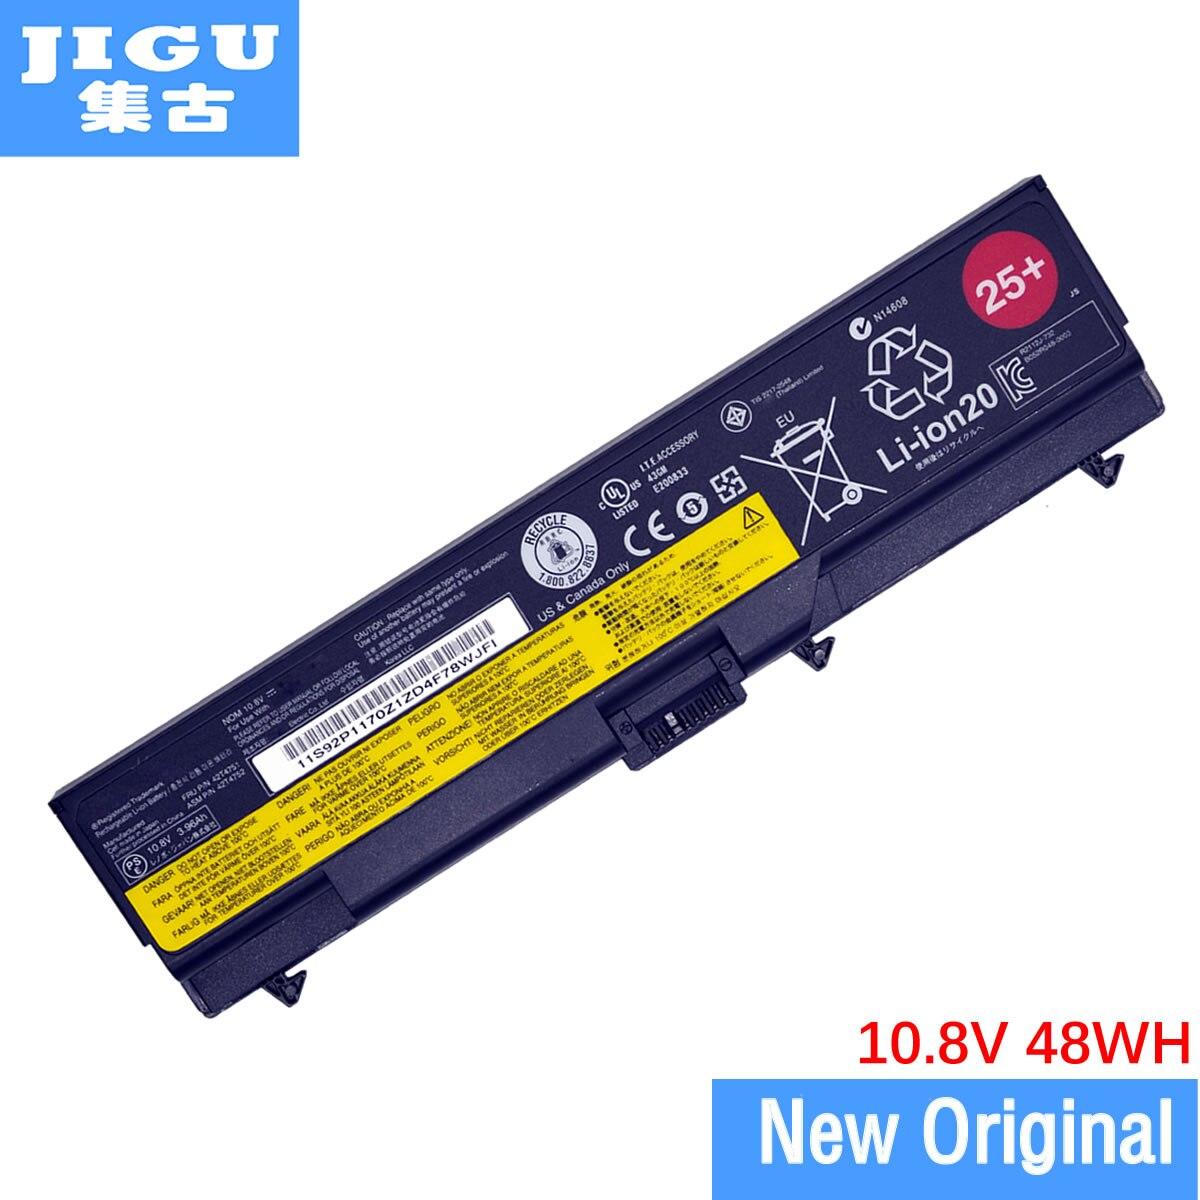 JIGU Original Laptop Battery For Lenovo ThinkPad Edge 14 15 E400 E420 E425 E500 E520 E525 W500 E40 E50 2842 2874 2847